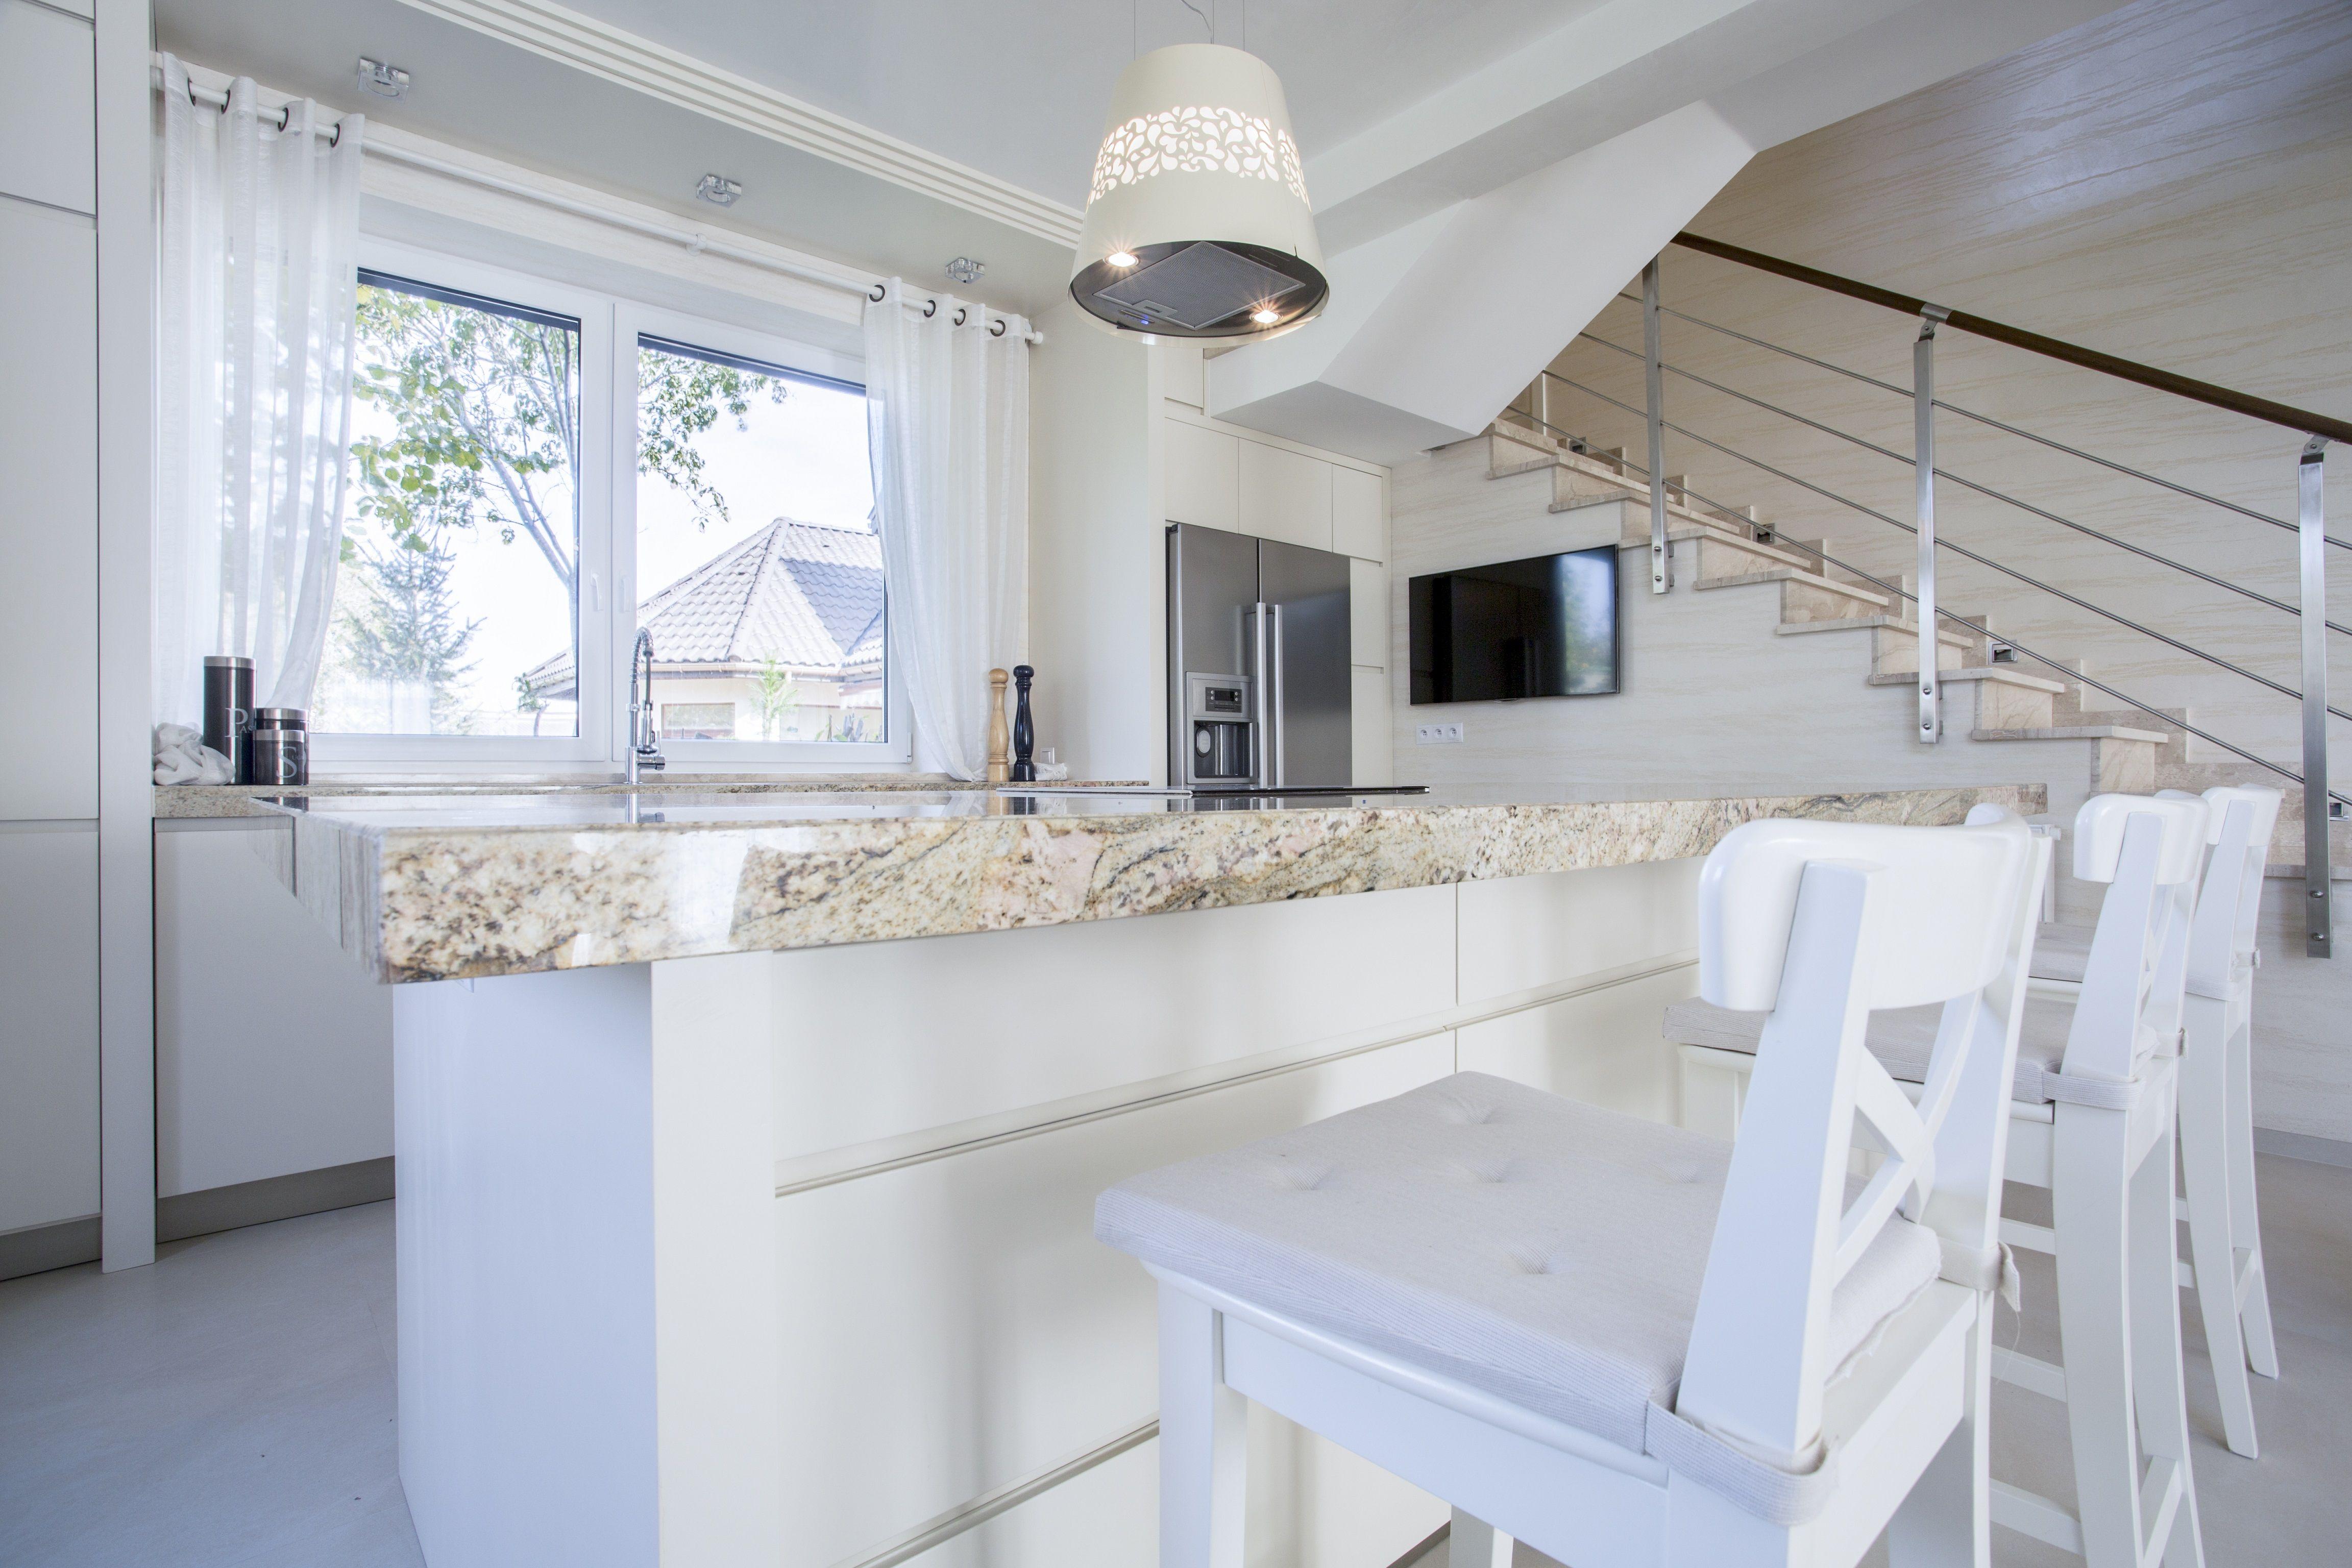 Piekna Otwarta Biala Kuchnia Z Marmurowym Blatem Przy Wyspie Kuchennej Zestaw Bialych Drewnianych Hokerow White Marble Kitchen Window Decor White Kitchen